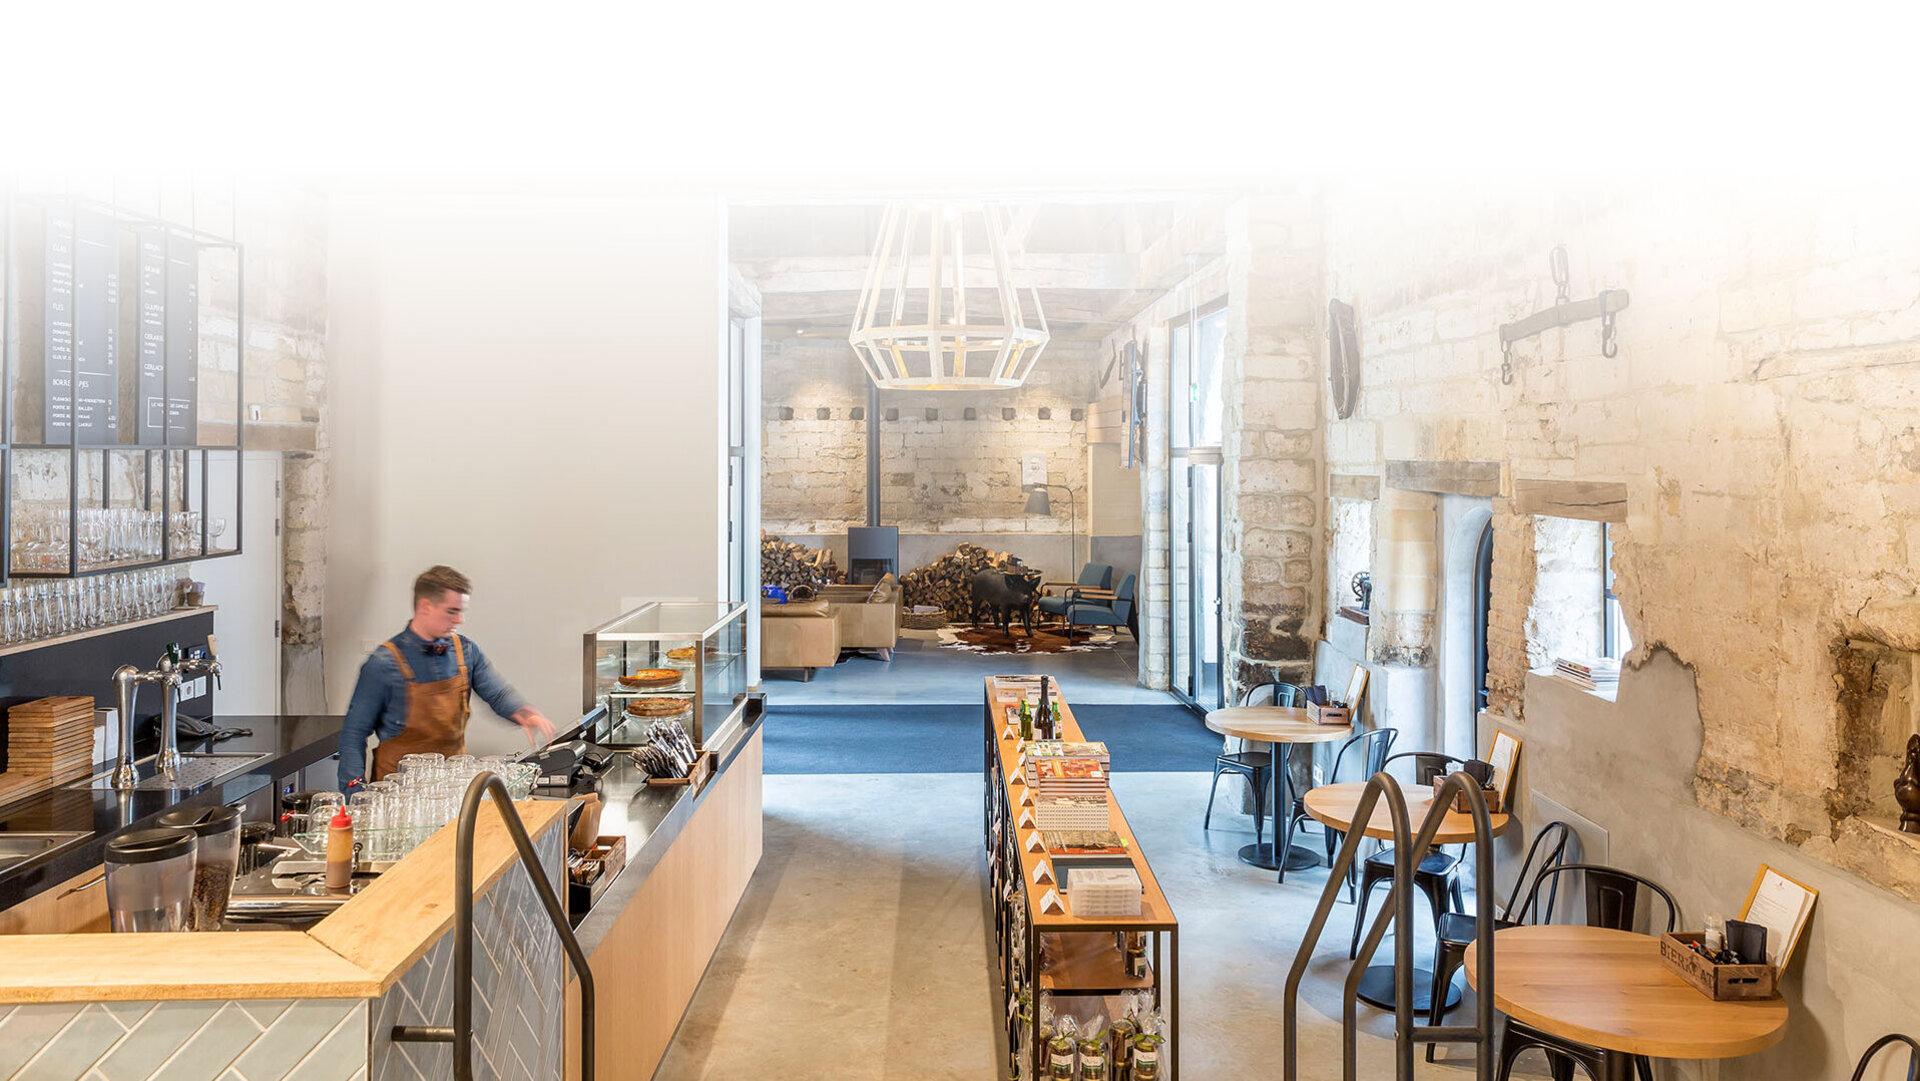 Café Burgemeester Más St. Gerlach